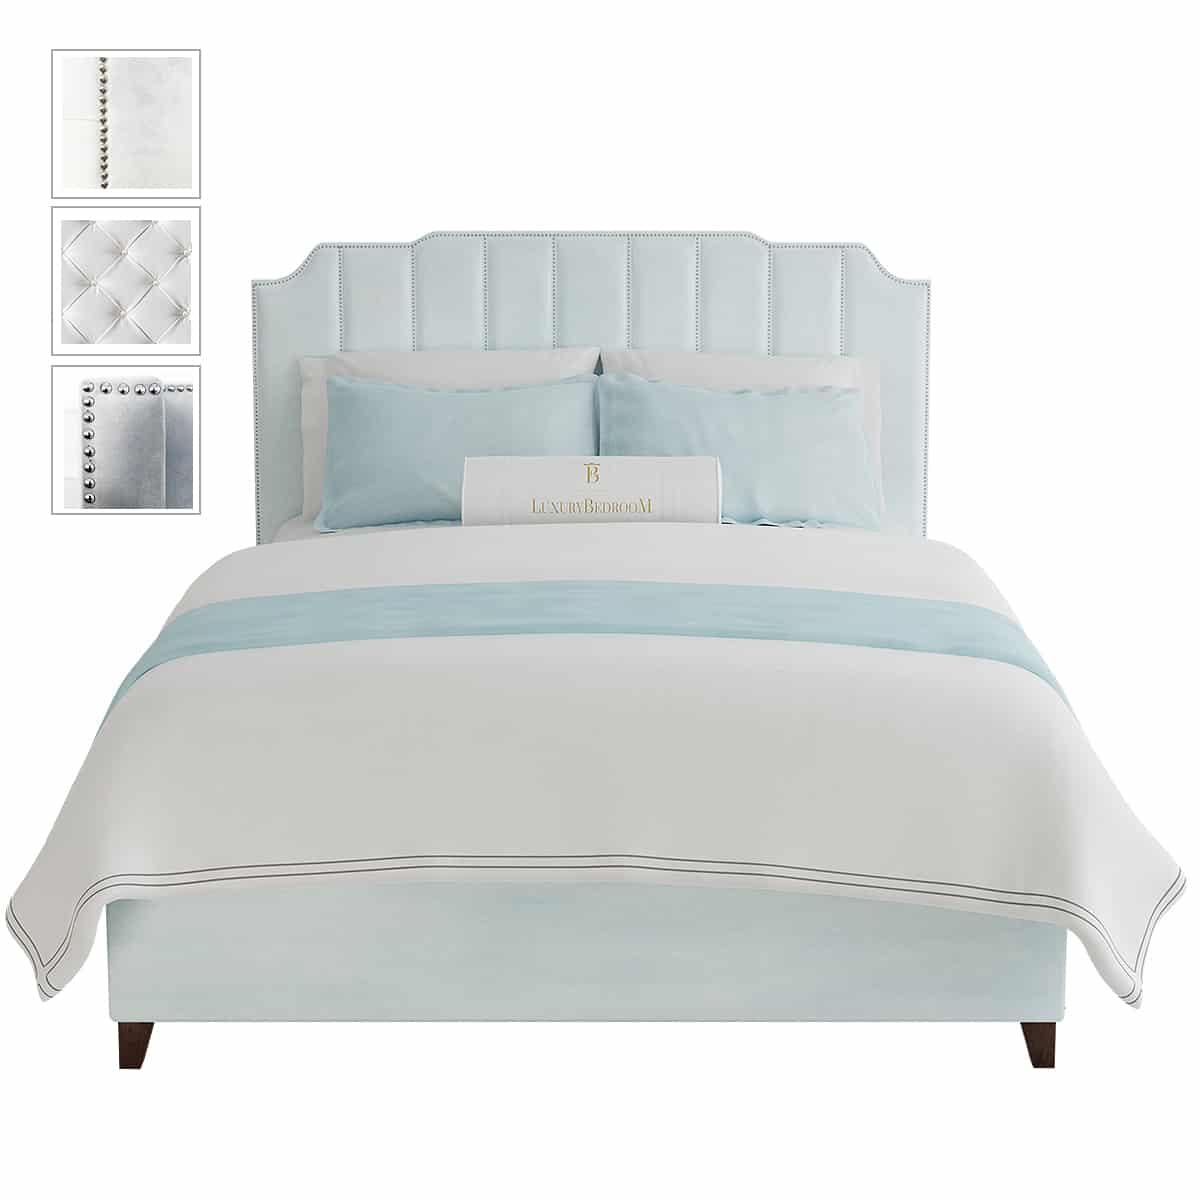 łóżko sypialniane wysokie